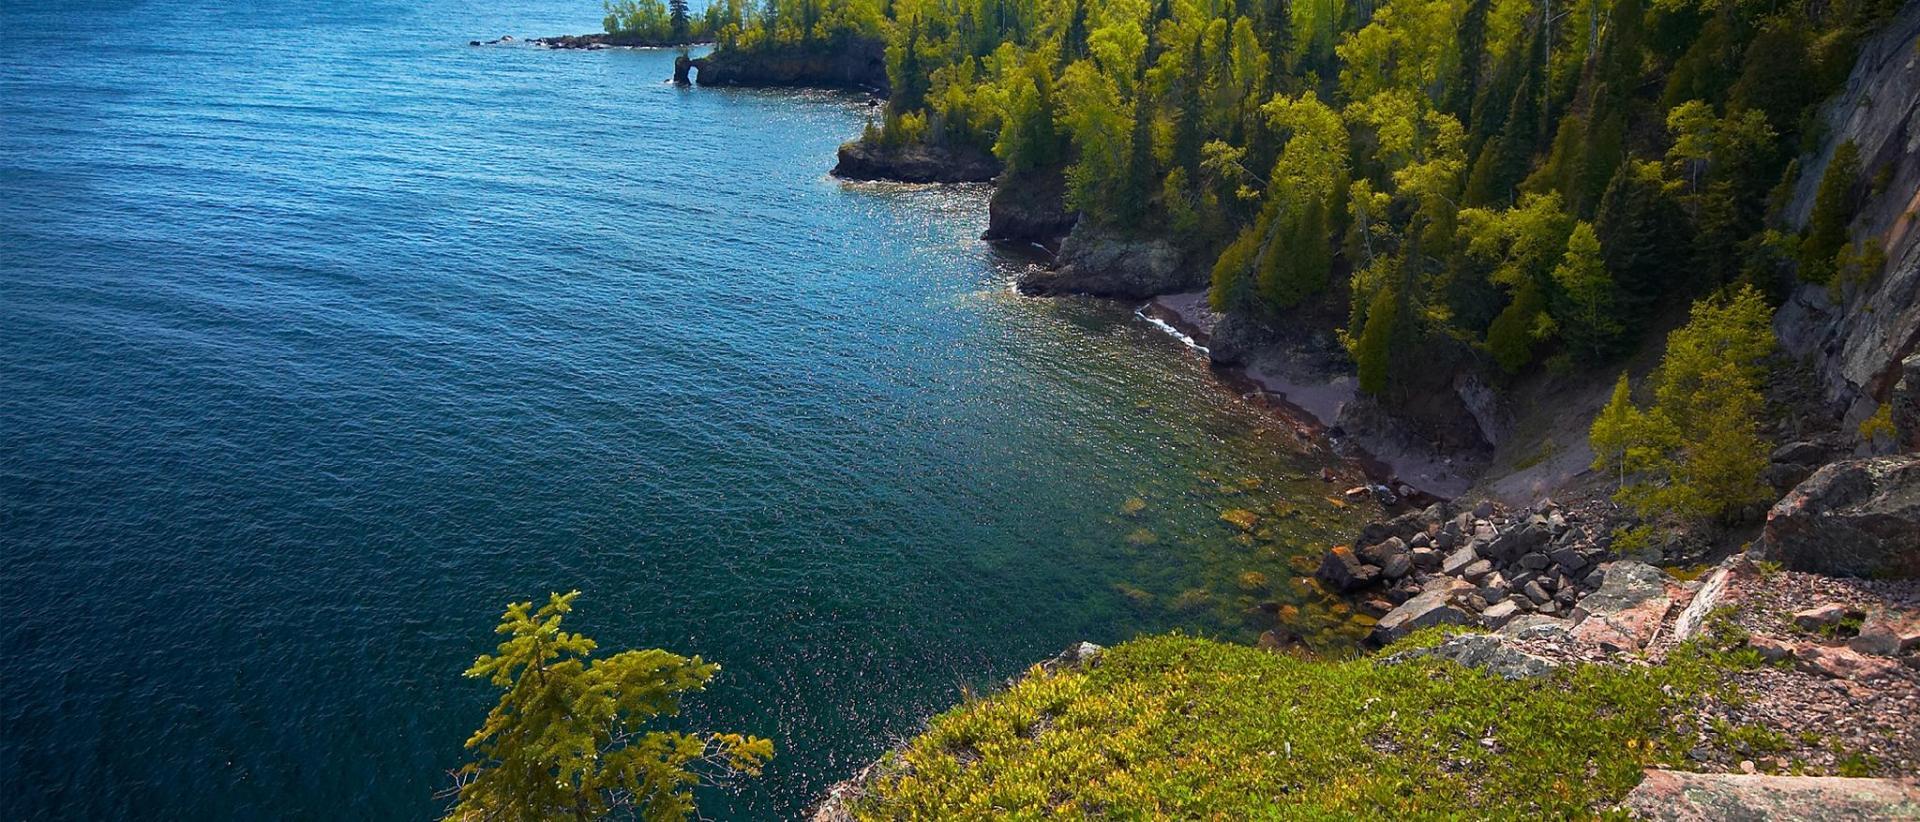 Hotels Near Leif Erickson Park Rose Garden Duluth Mn Best